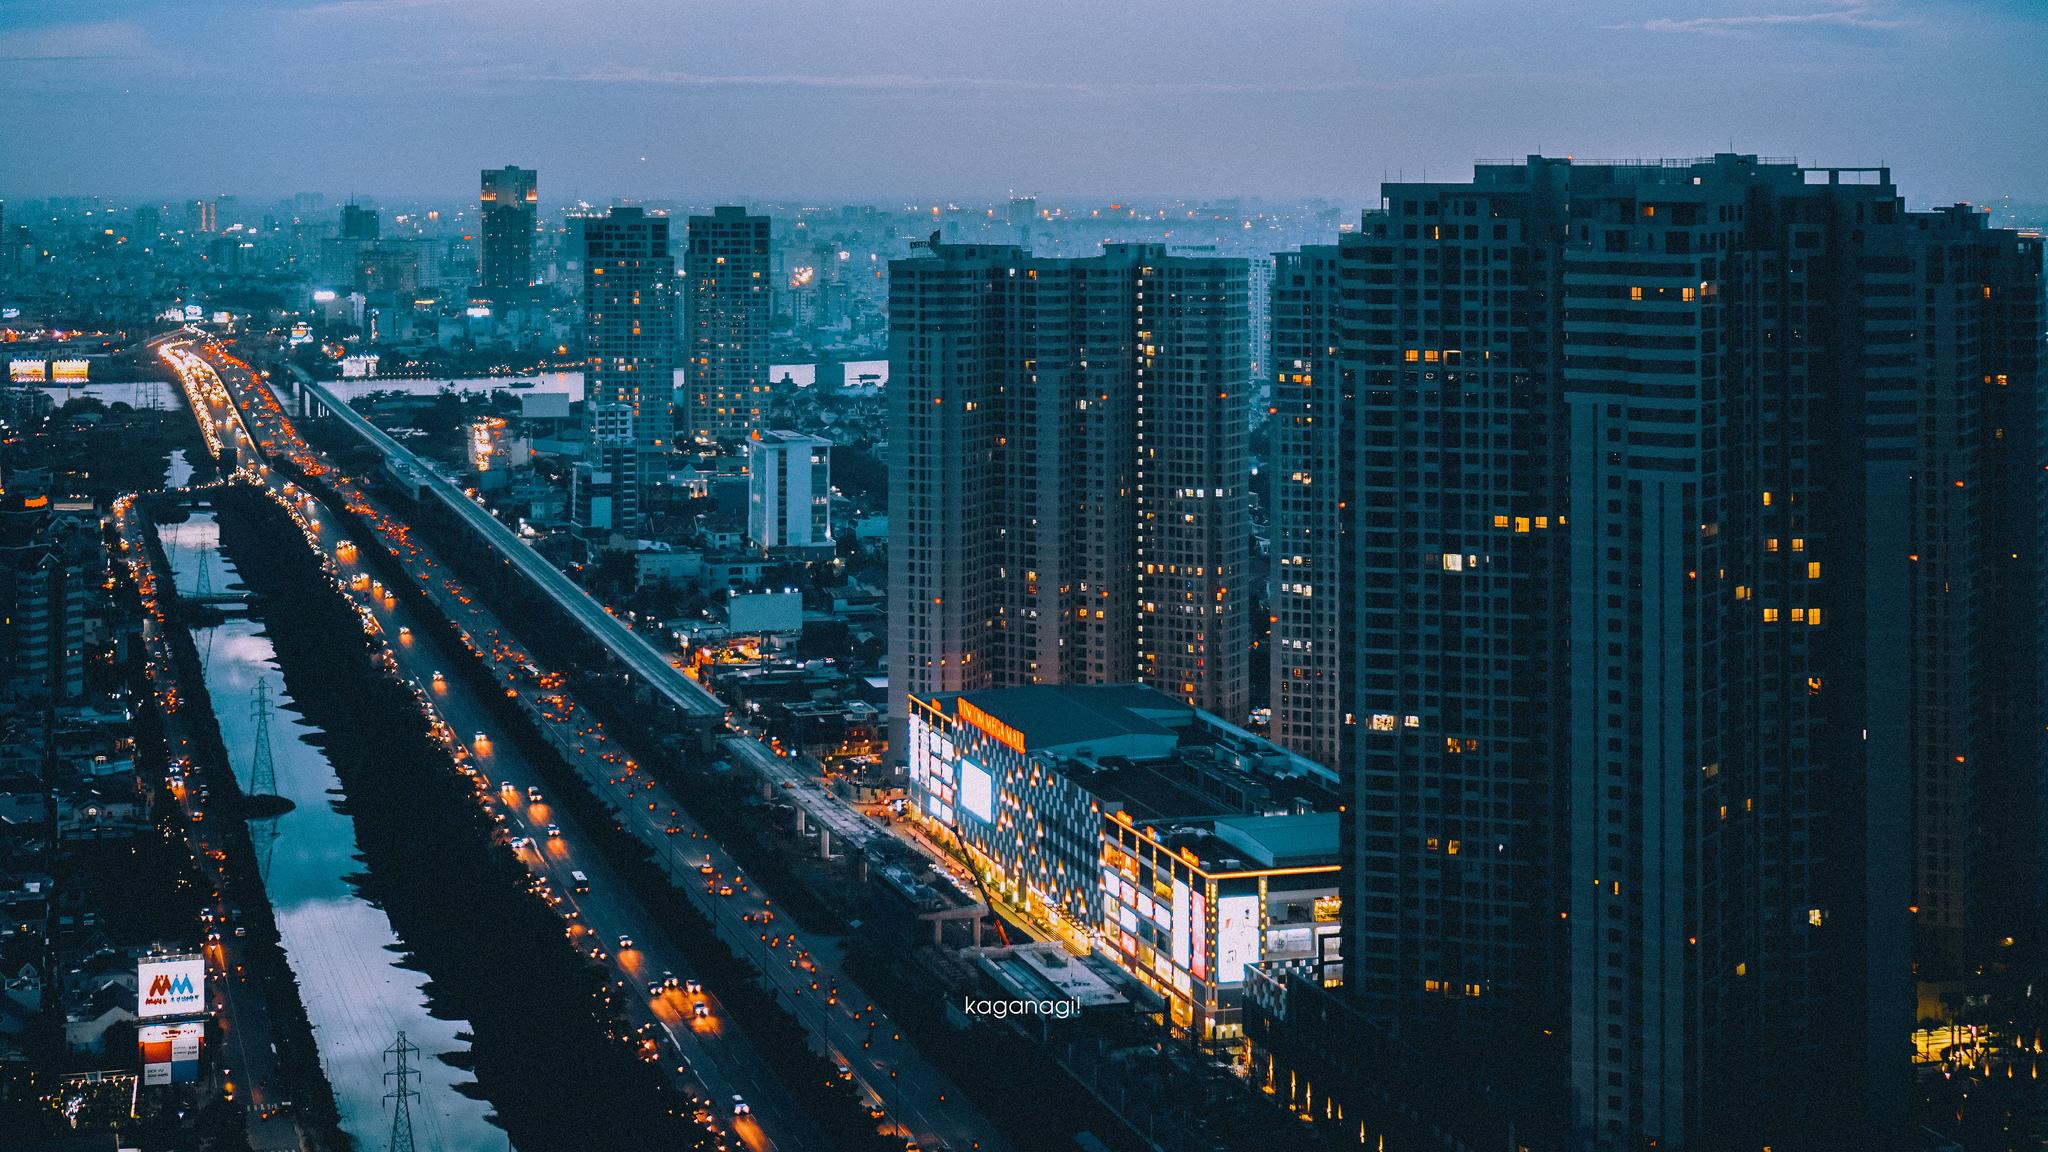 9x với loạt ảnh chụp từ trên cao khiến bạn ngỡ ngàng vì vẻ đẹp choáng ngợp của Sài Gòn - Ảnh 13.